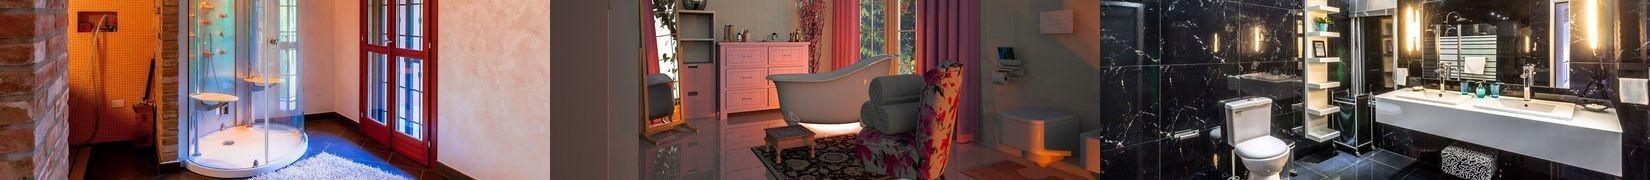 Dywany do łazienki. Antypoślizgowe chodniczki - sklep Śliczne Dywany